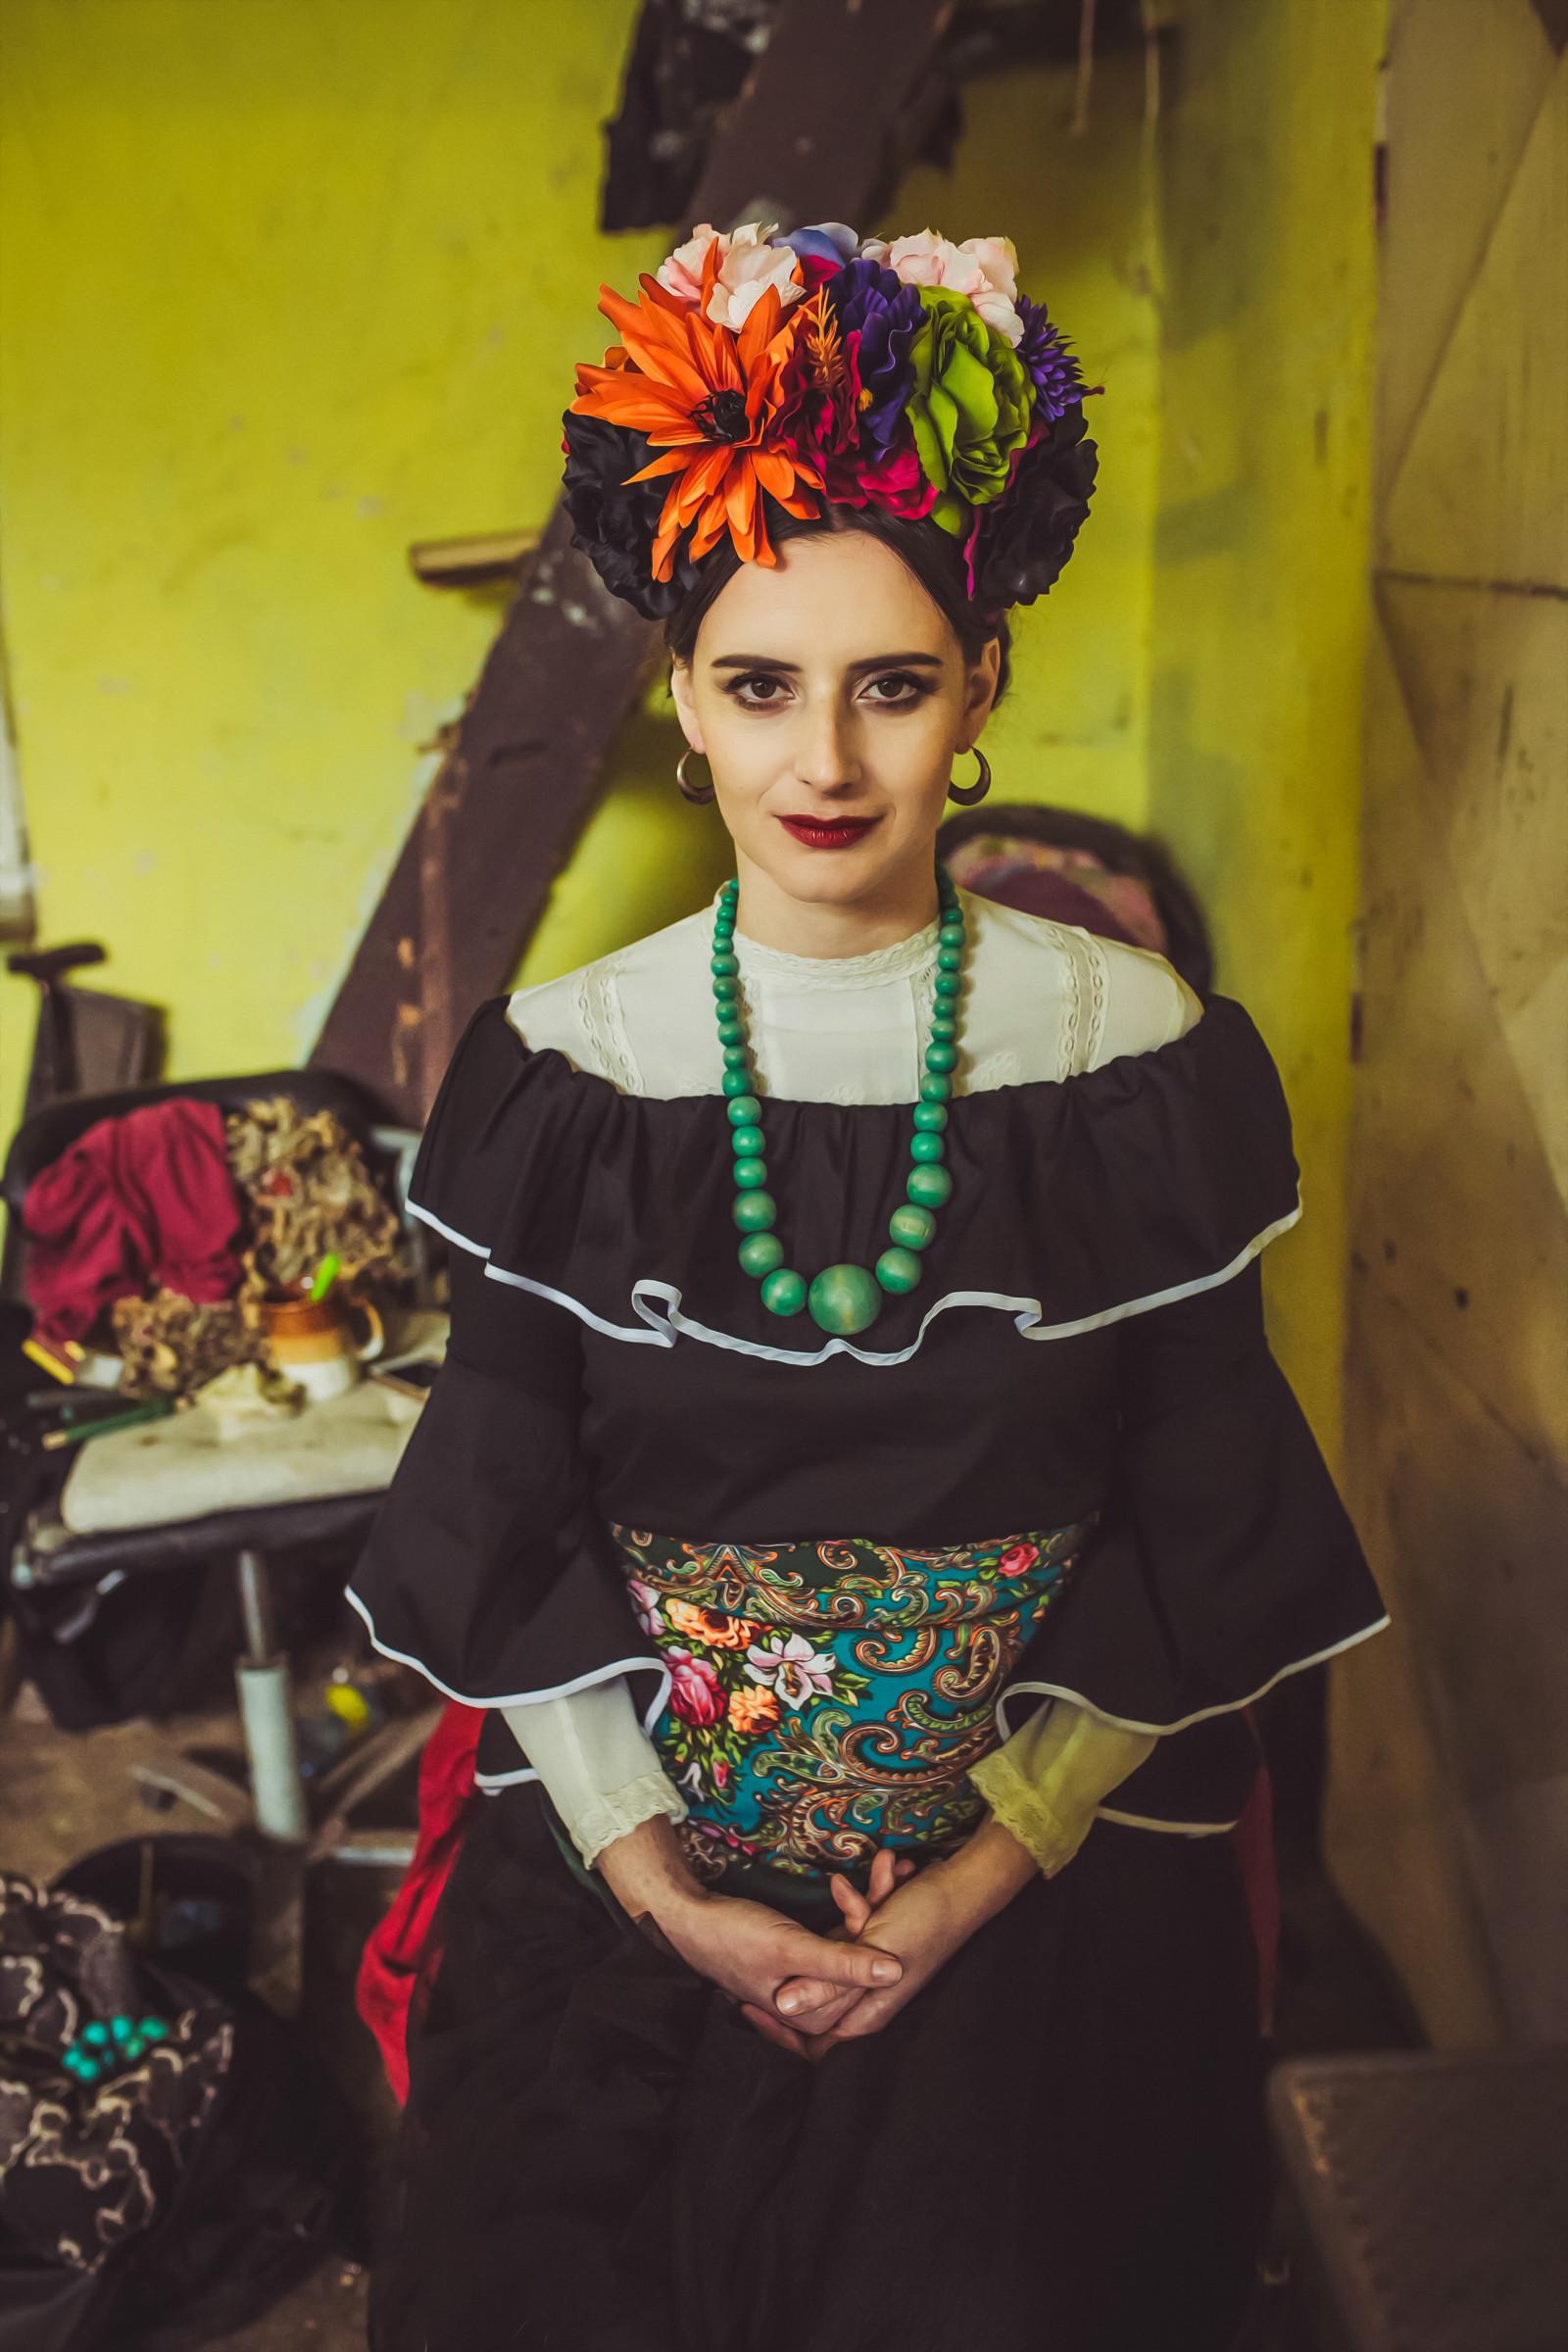 bd3f090199f Exotická květinová čelenka Frida Kahlo   Zboží prodejce Čarbičková ...